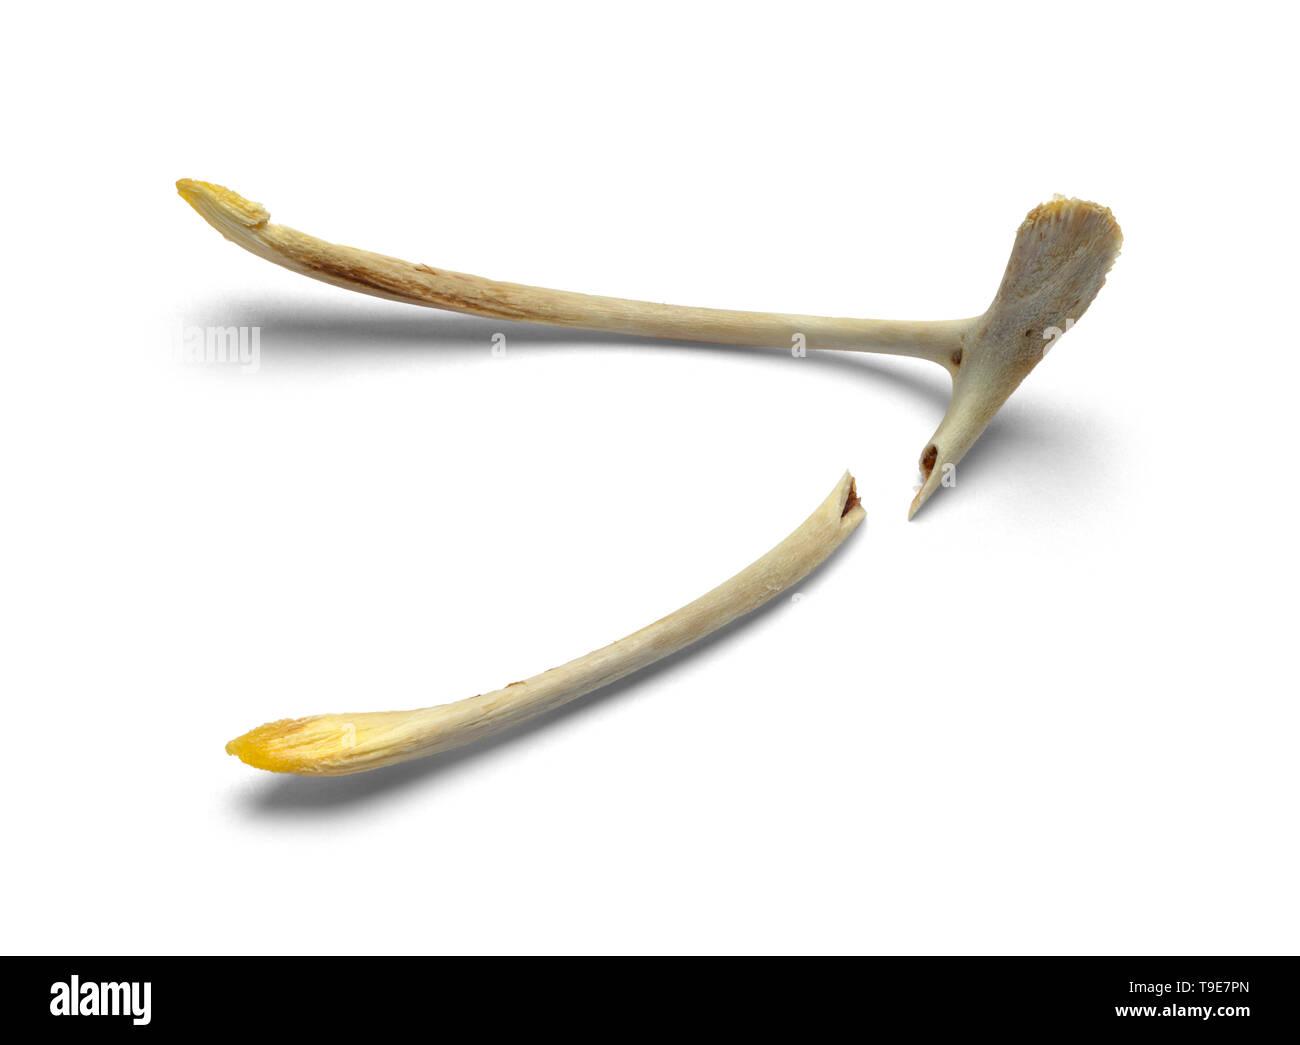 Gebrochene Huhn wollen Knochen isoliert auf weißem Hintergrund. Stockbild